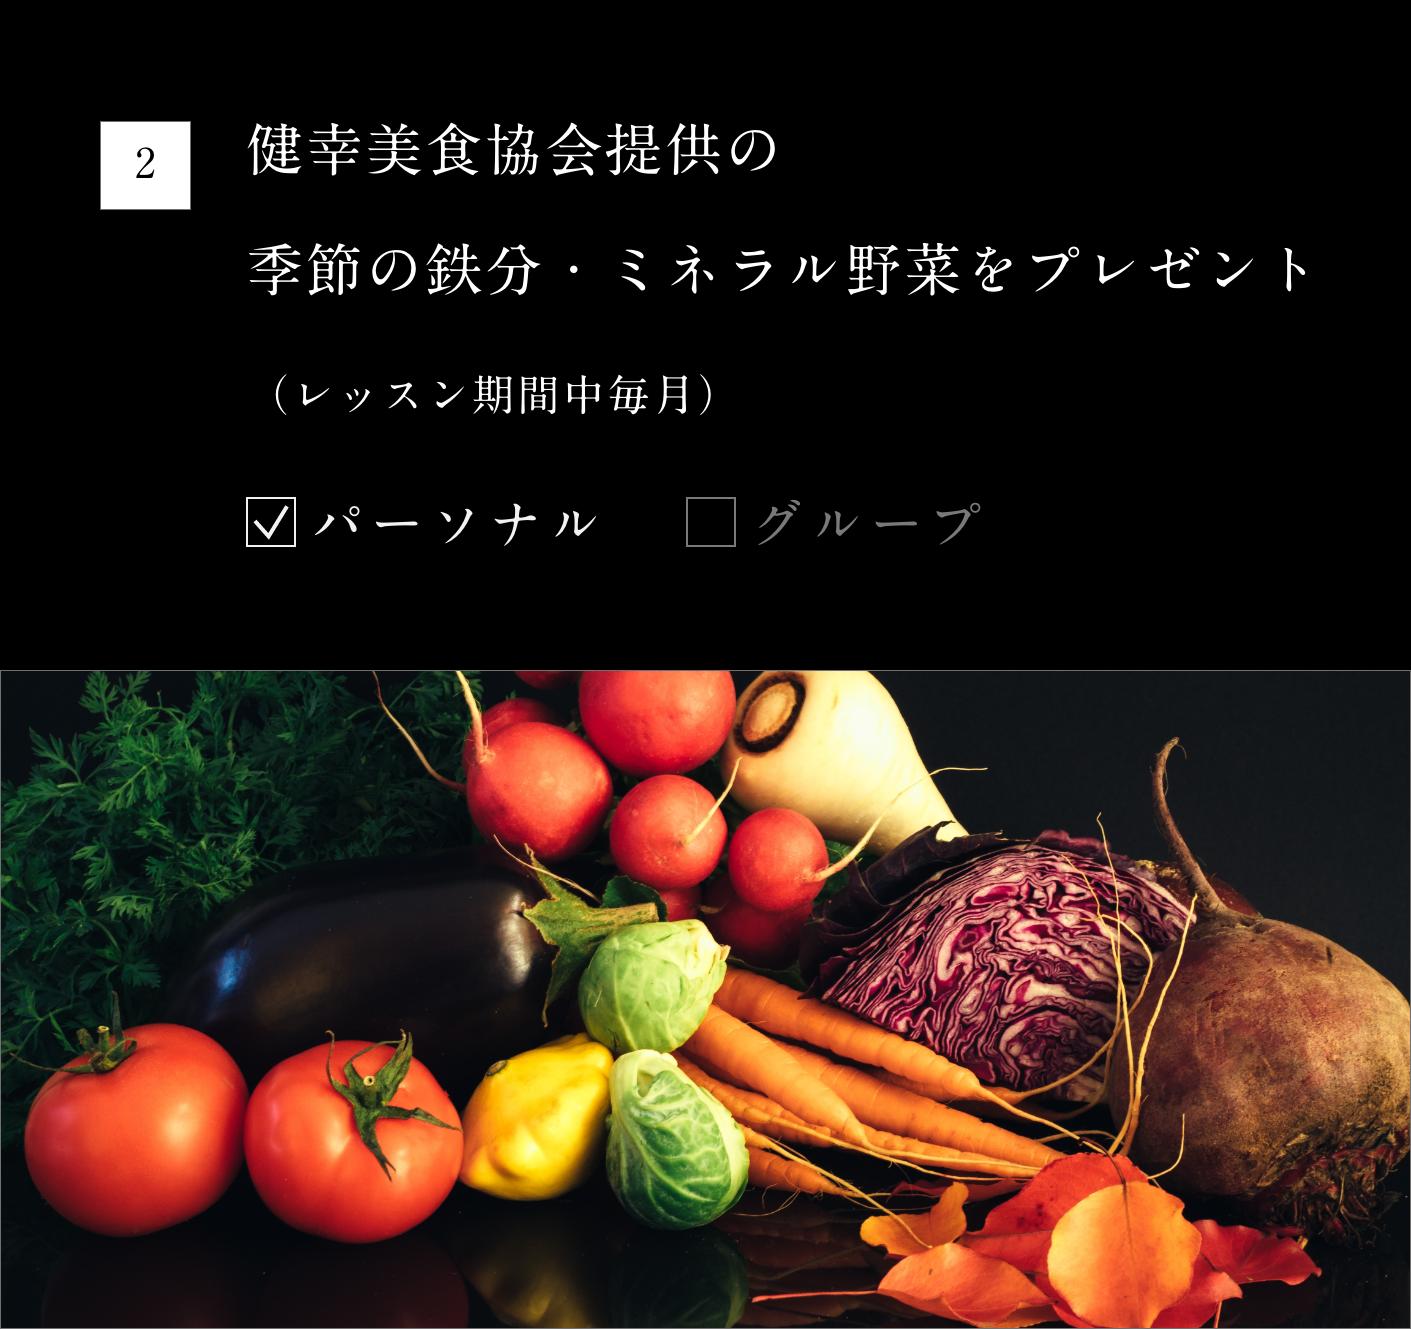 健幸美食協会提供の 季節の鉄分・ミネラル野菜をプレゼント (レッスン期間中毎月)